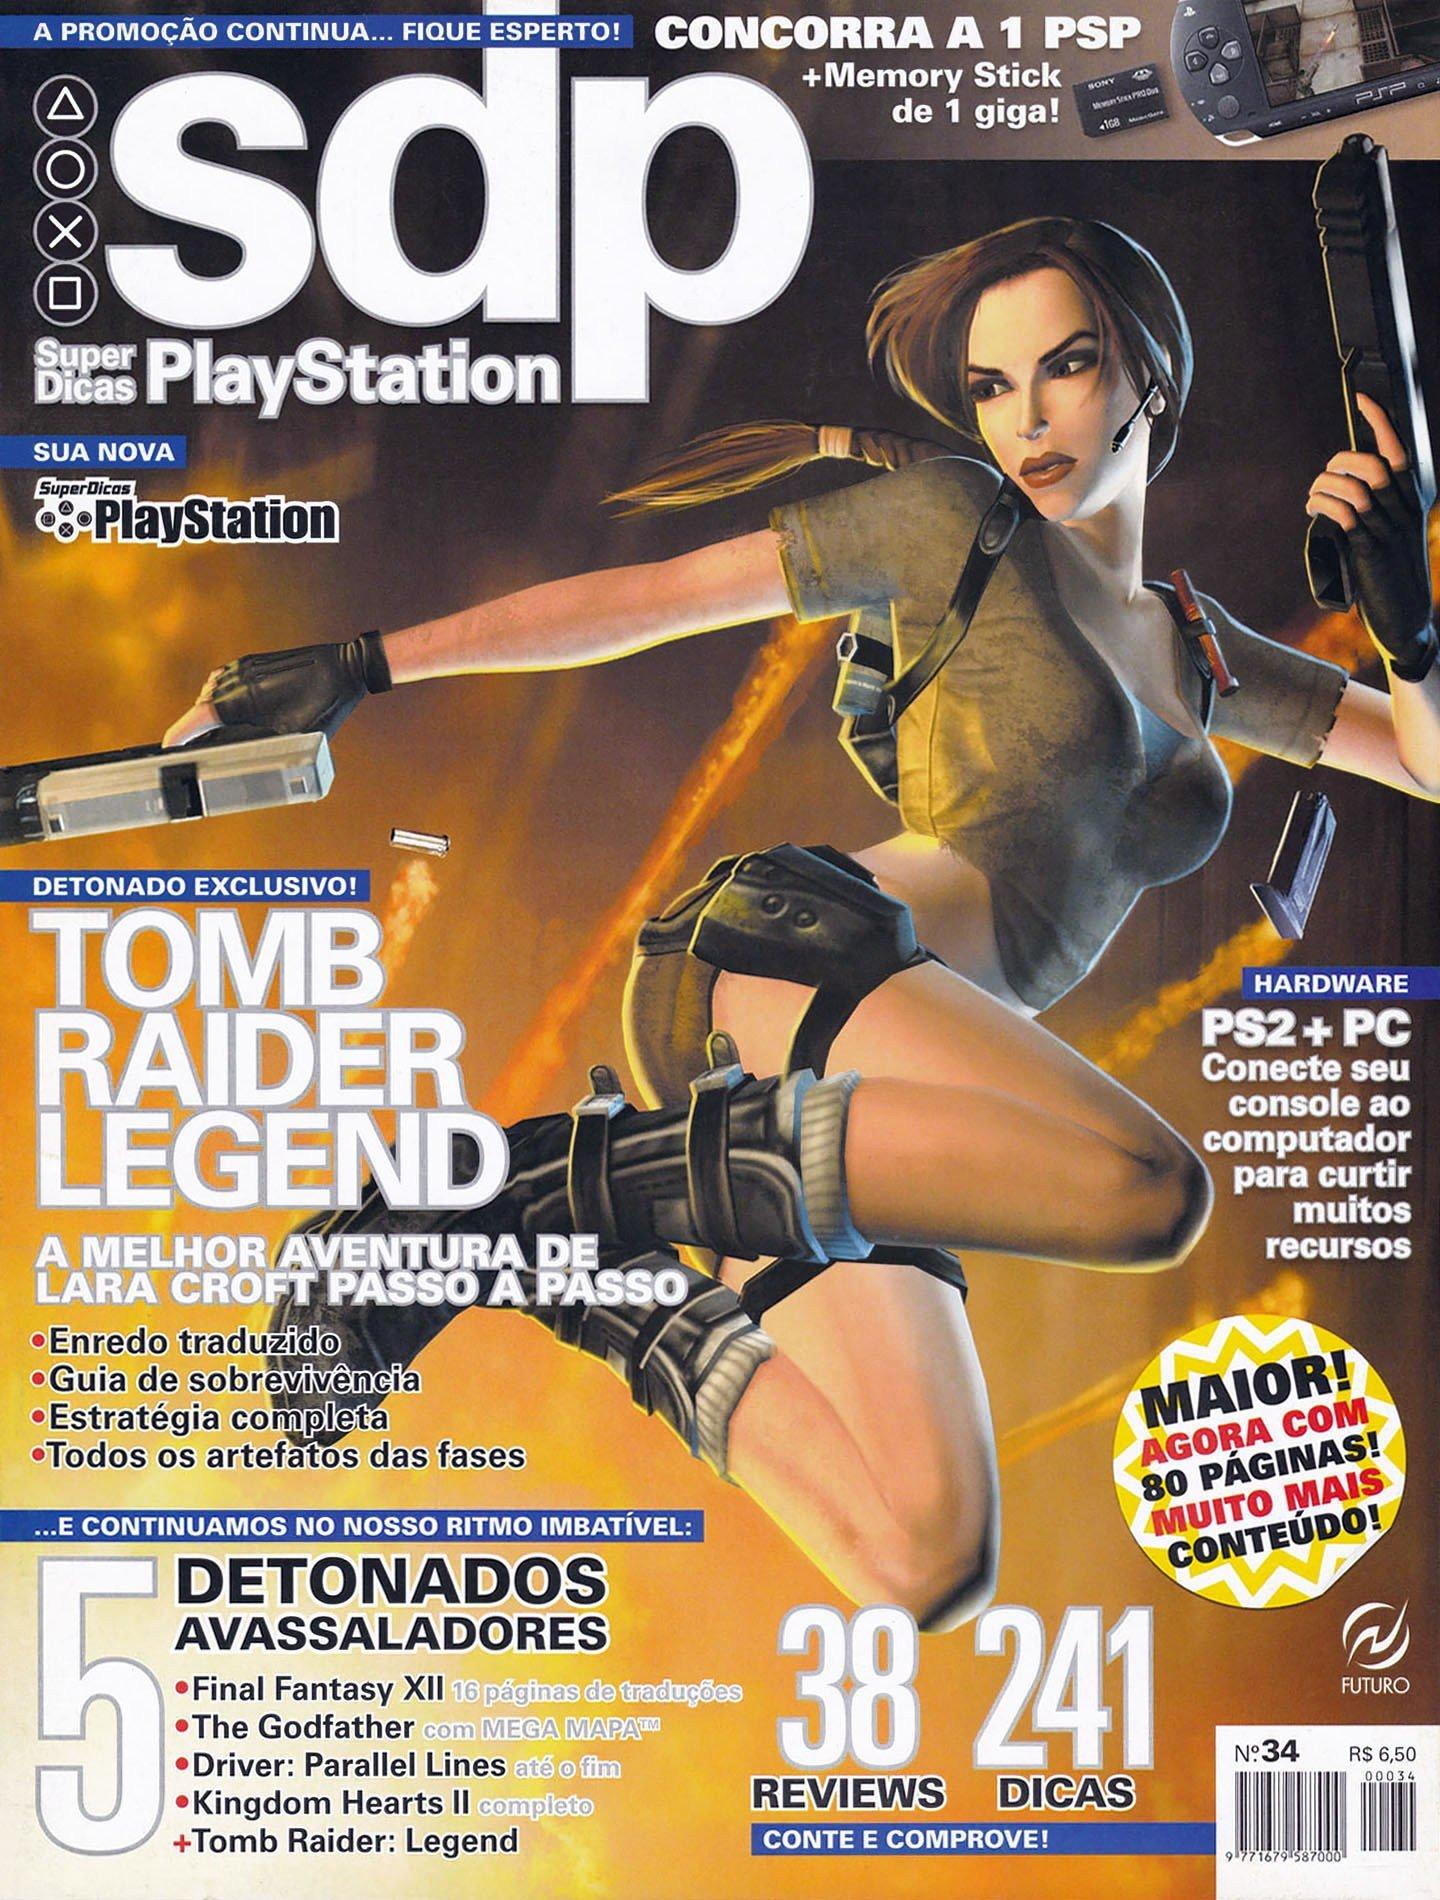 Super Dicas Playstation 34 (May 2006)